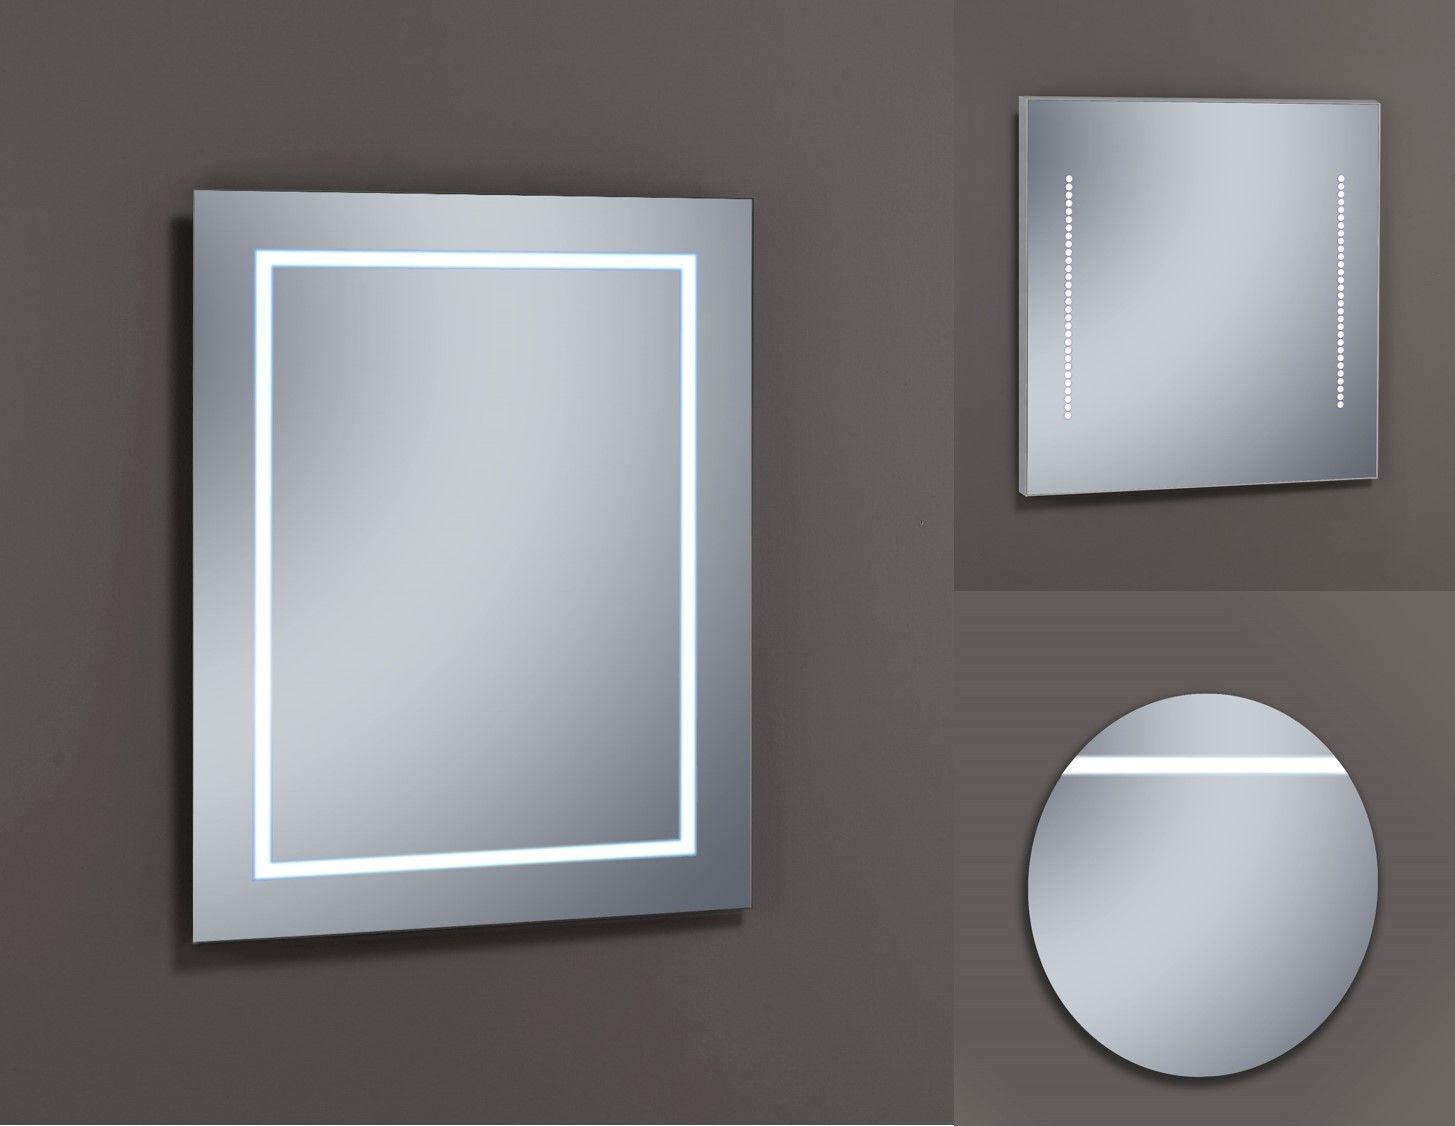 Un baño sostenible y con innovación, decora con un espejo con ...